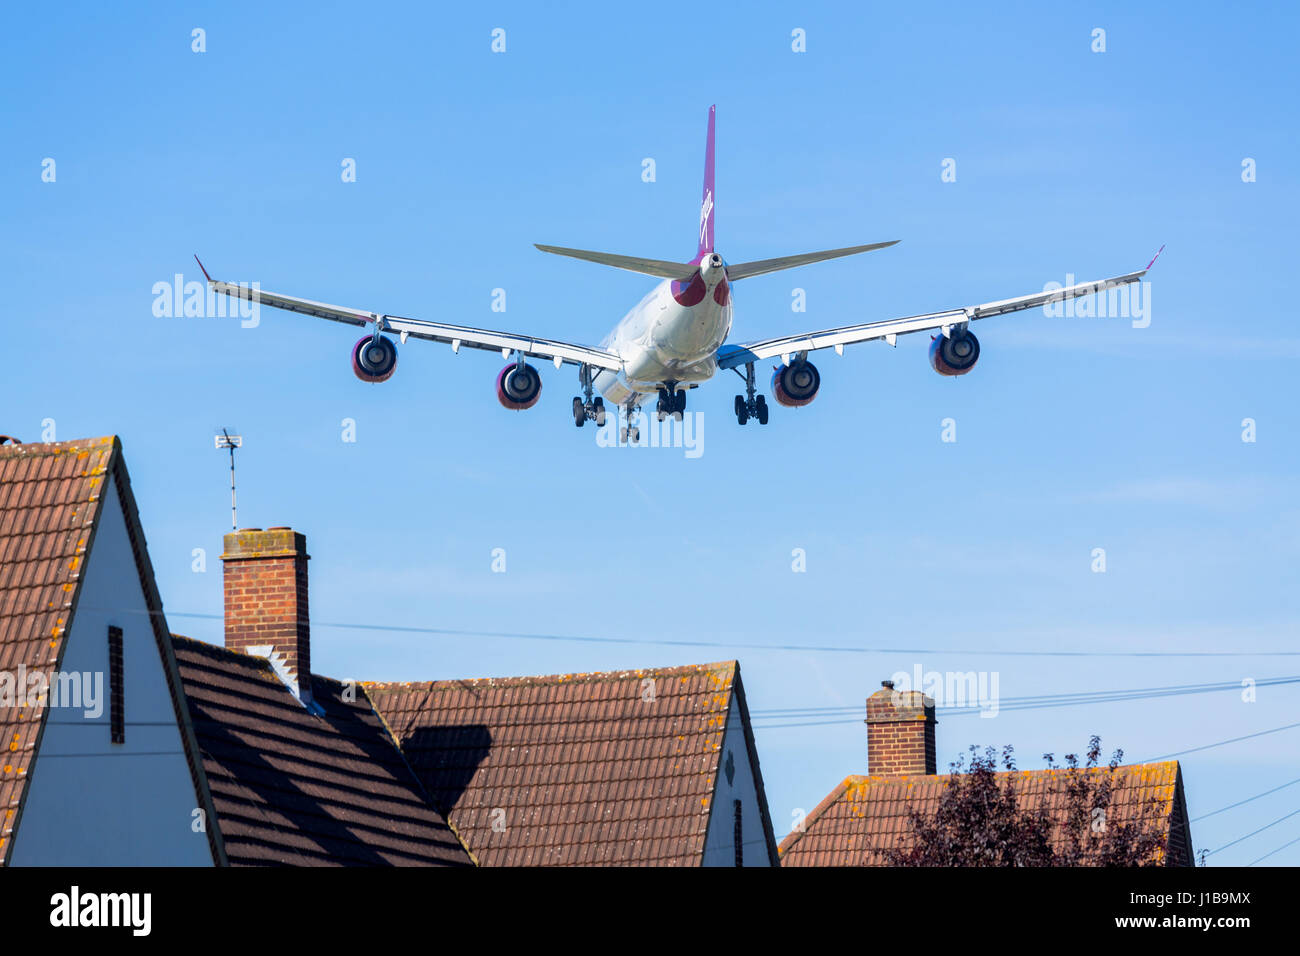 Aerei volando a bassa quota sopra le case causando il rumore inquinamento, l'aeroporto di Heathrow di Londra, Immagini Stock